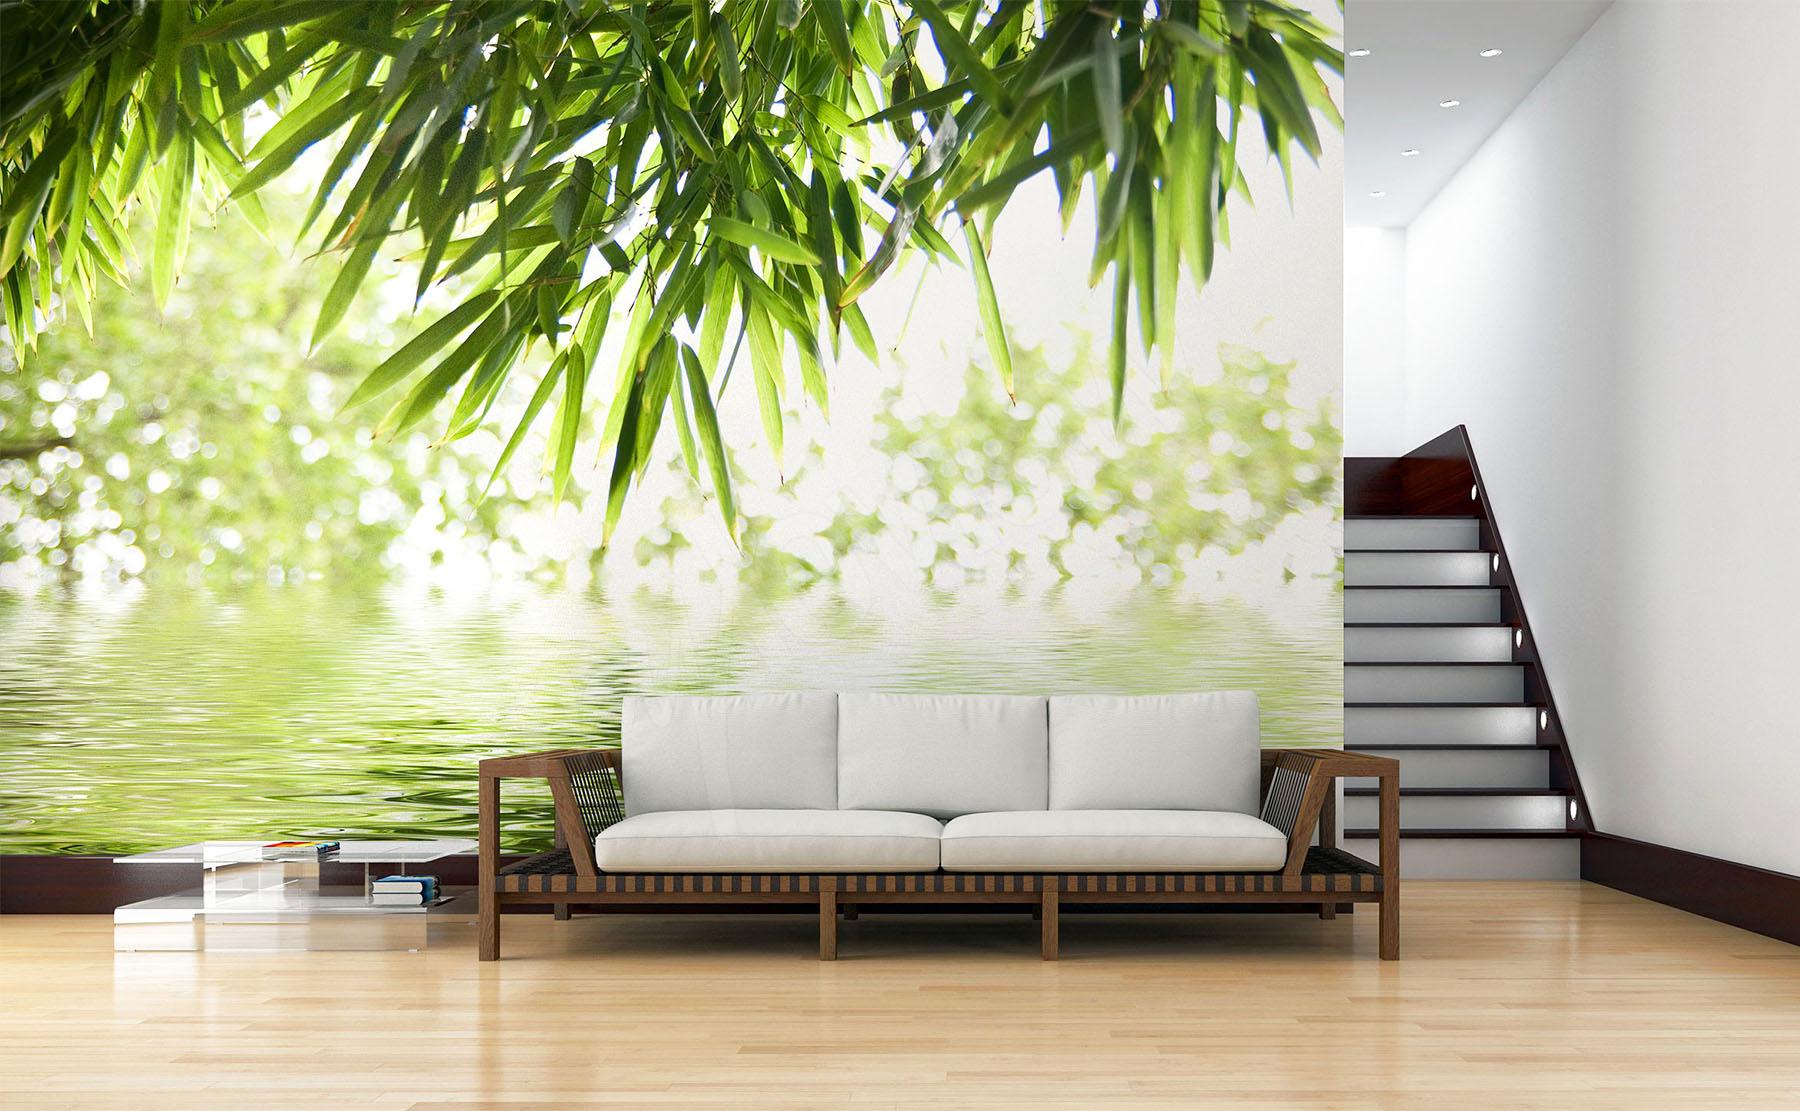 Papier Peint Motif Nature papiers peints bambous •mur aux dimensions | myloview.fr